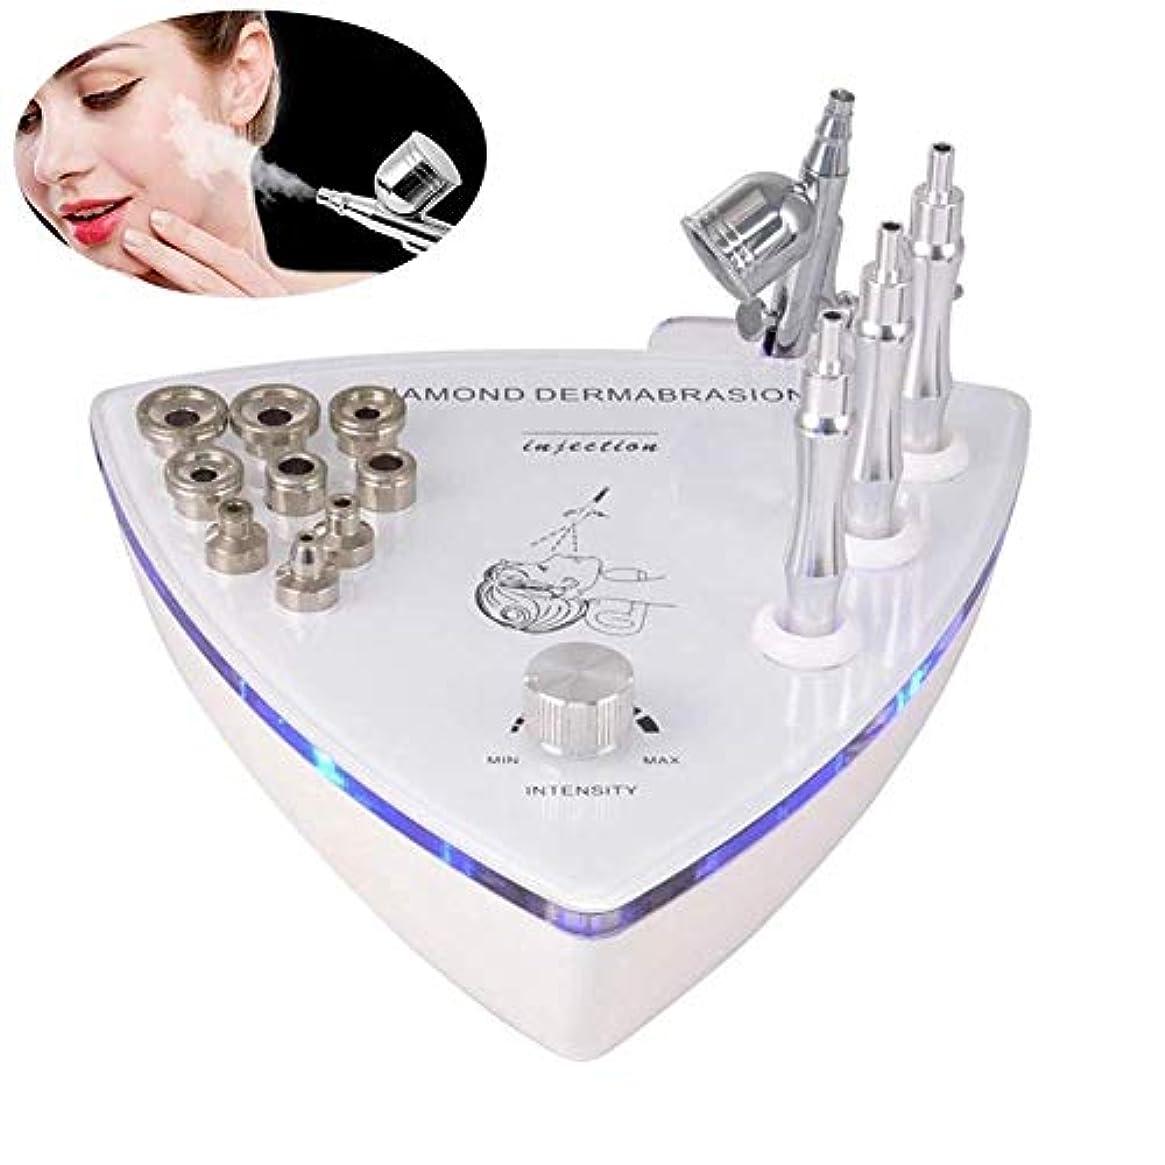 お別れ出口調整2 1ダイヤモンド皮膚剥離機では、アンチエイジングピーリングプロフェッショナル美容機を締め付けスプレーガンマイクロダーマブレーションと酸素スプレー洗顔の肌の若返りしわ除去肌に